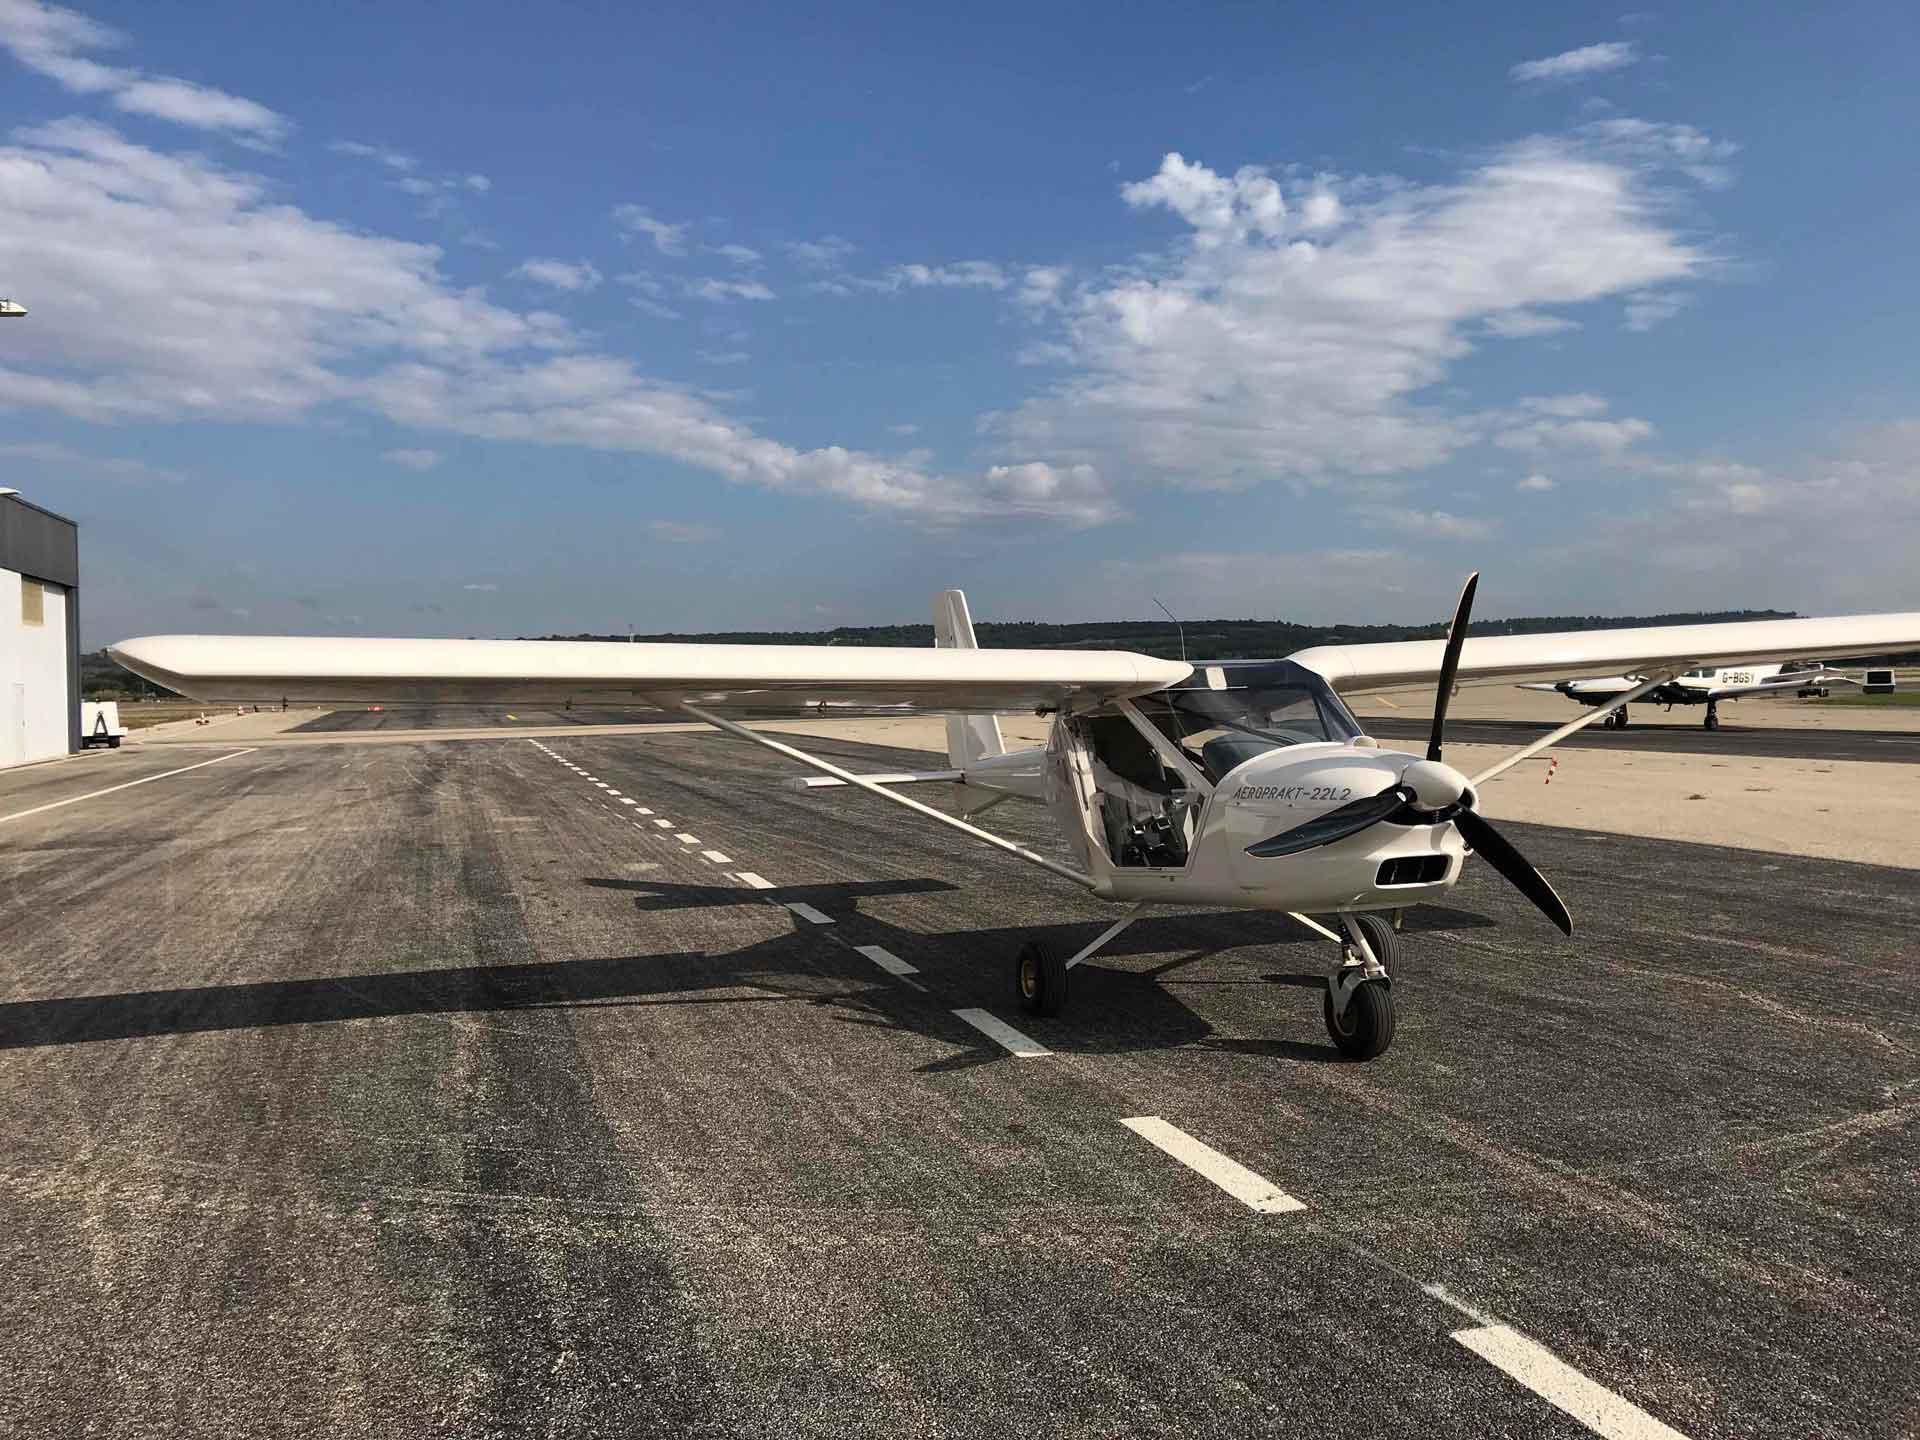 Un 2018 AEROPRAKT A22L2 en occasion disponible immédiatement ! ATA by Pelletier